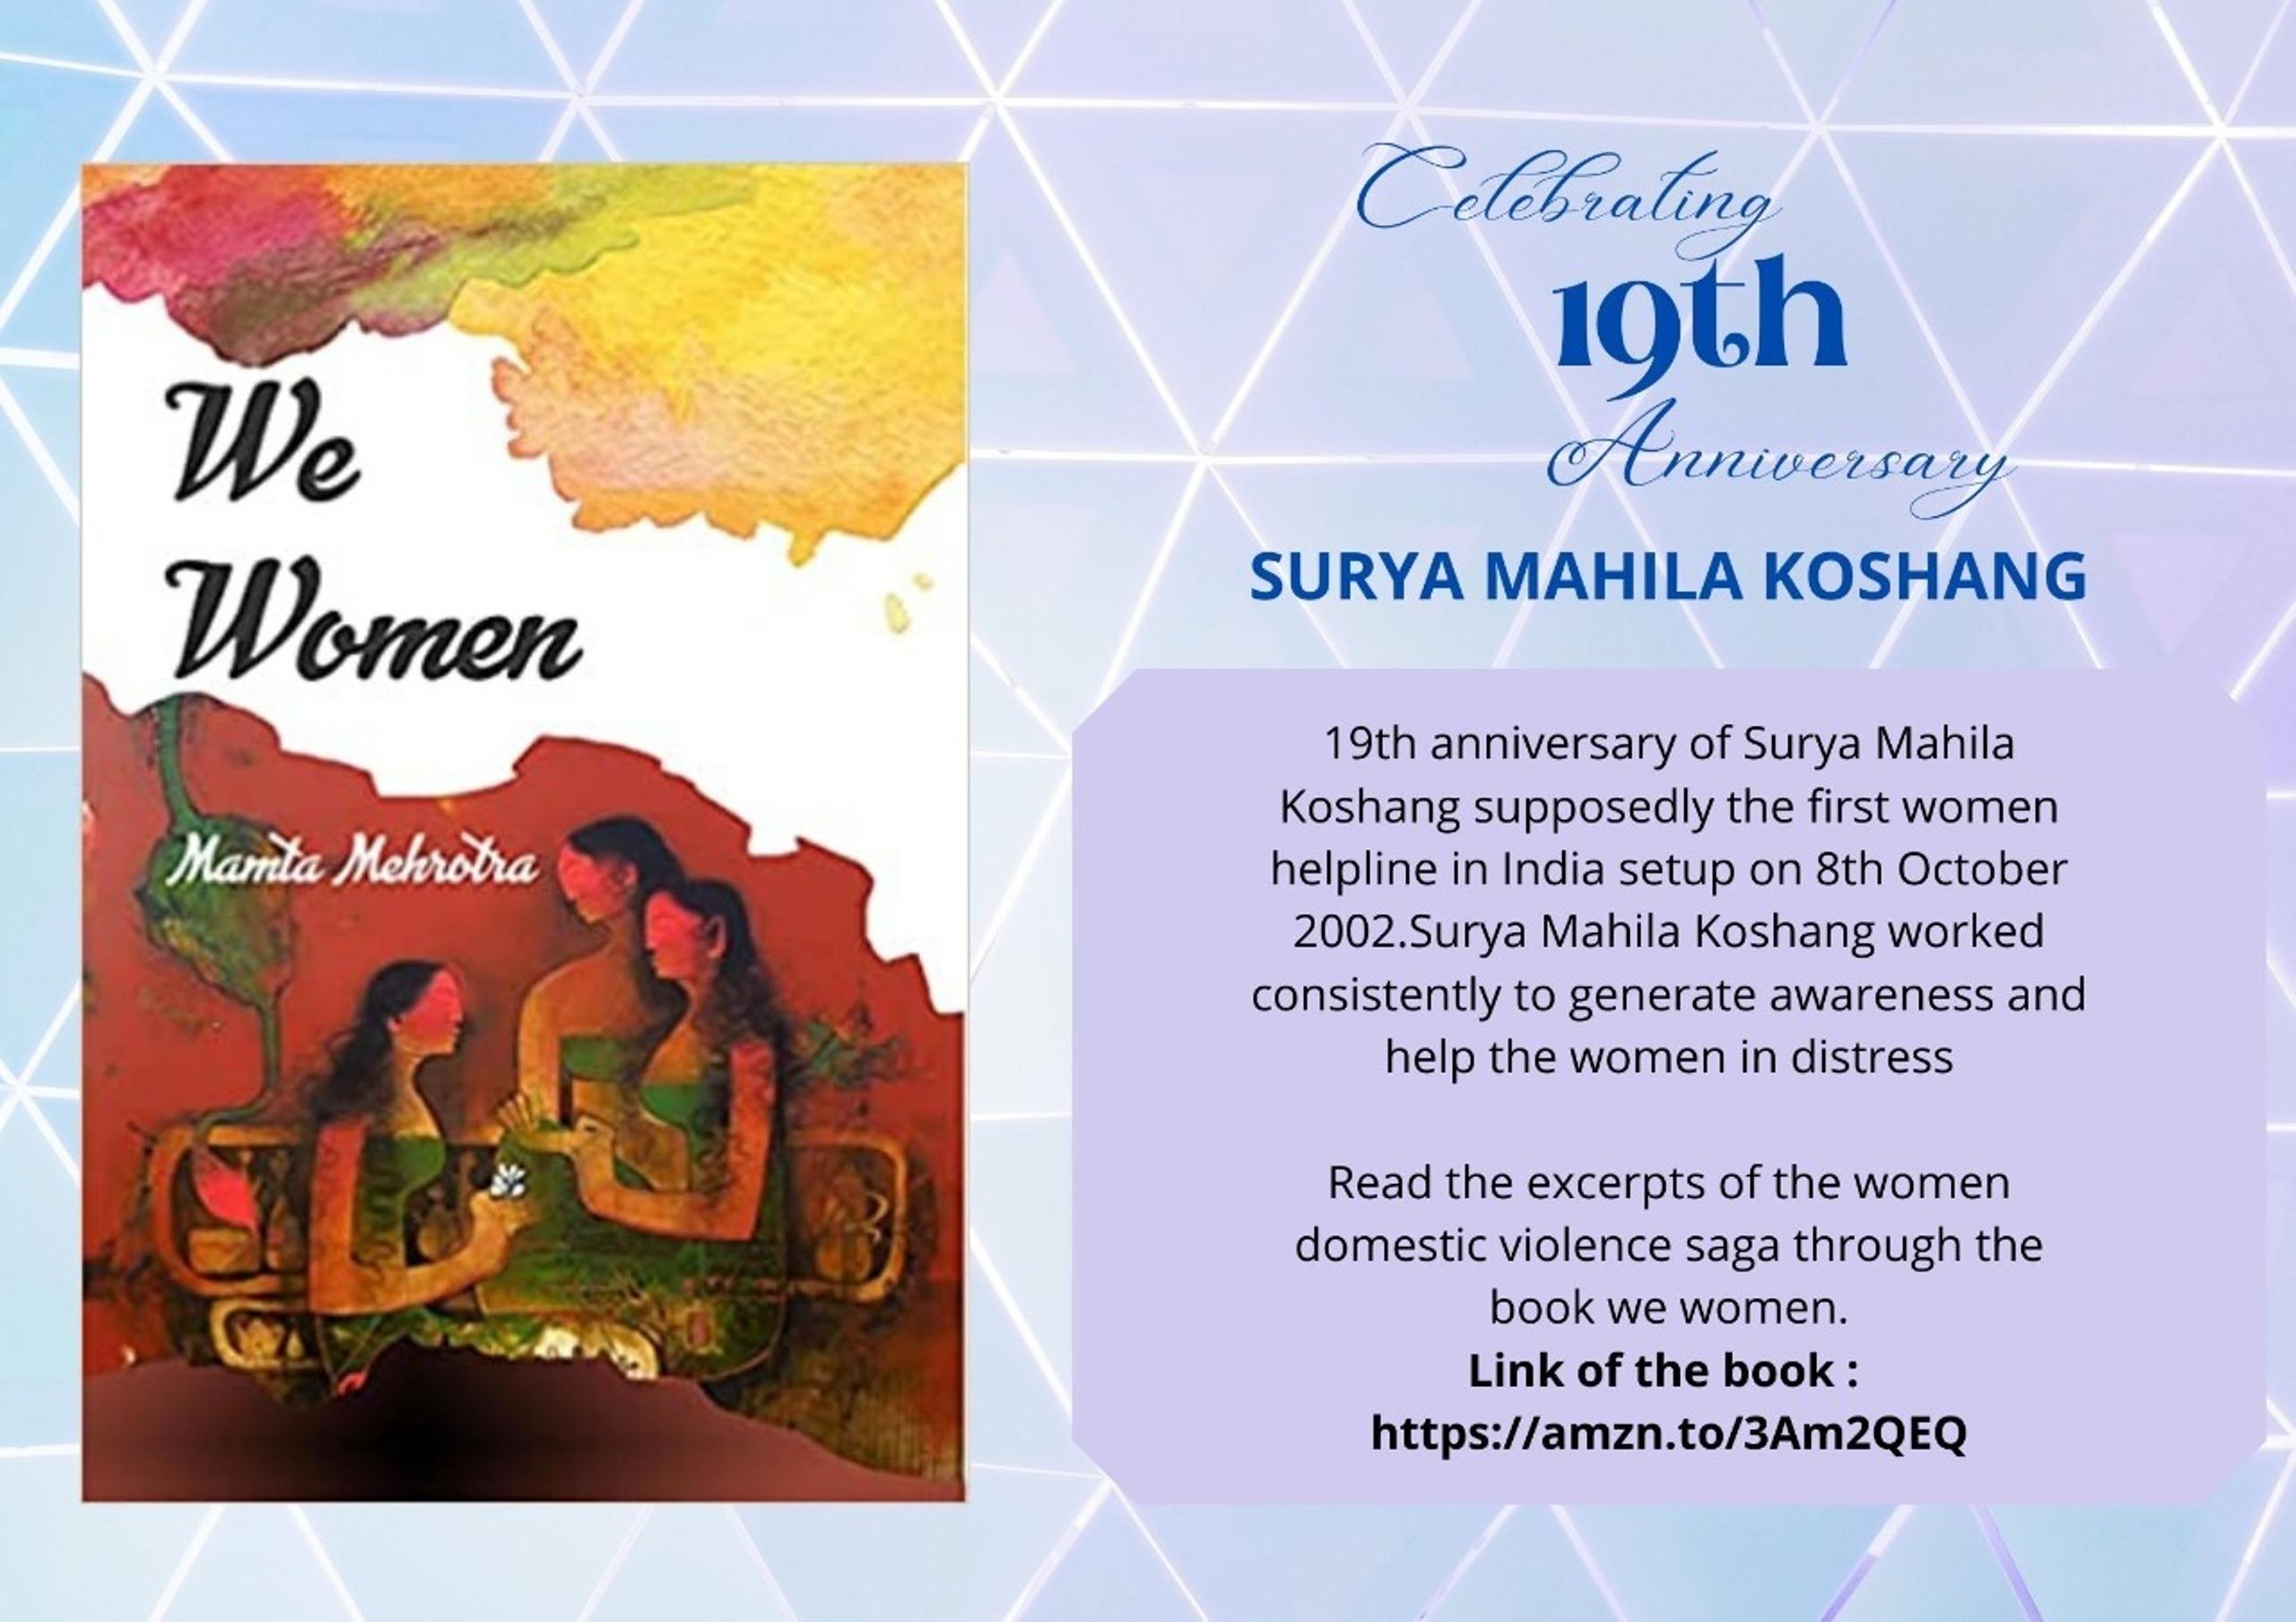 घरेलू हिंसा के प्रति महिलाओं को जागरूक करती है पुस्तक 'We Women'